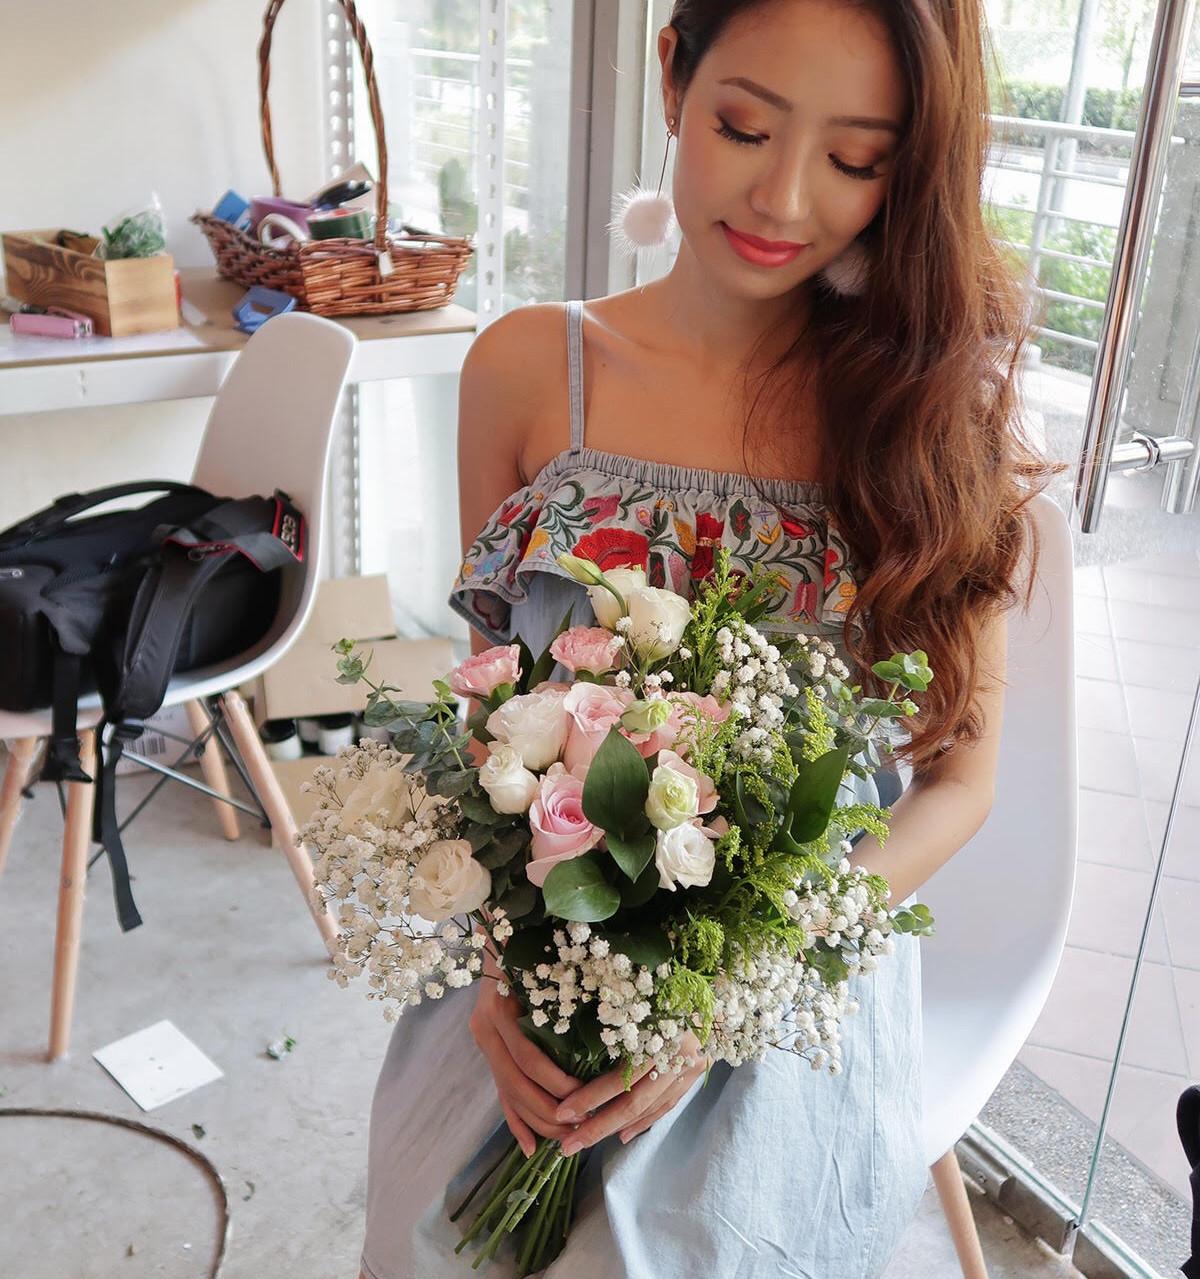 abetterflorist floral bouquet